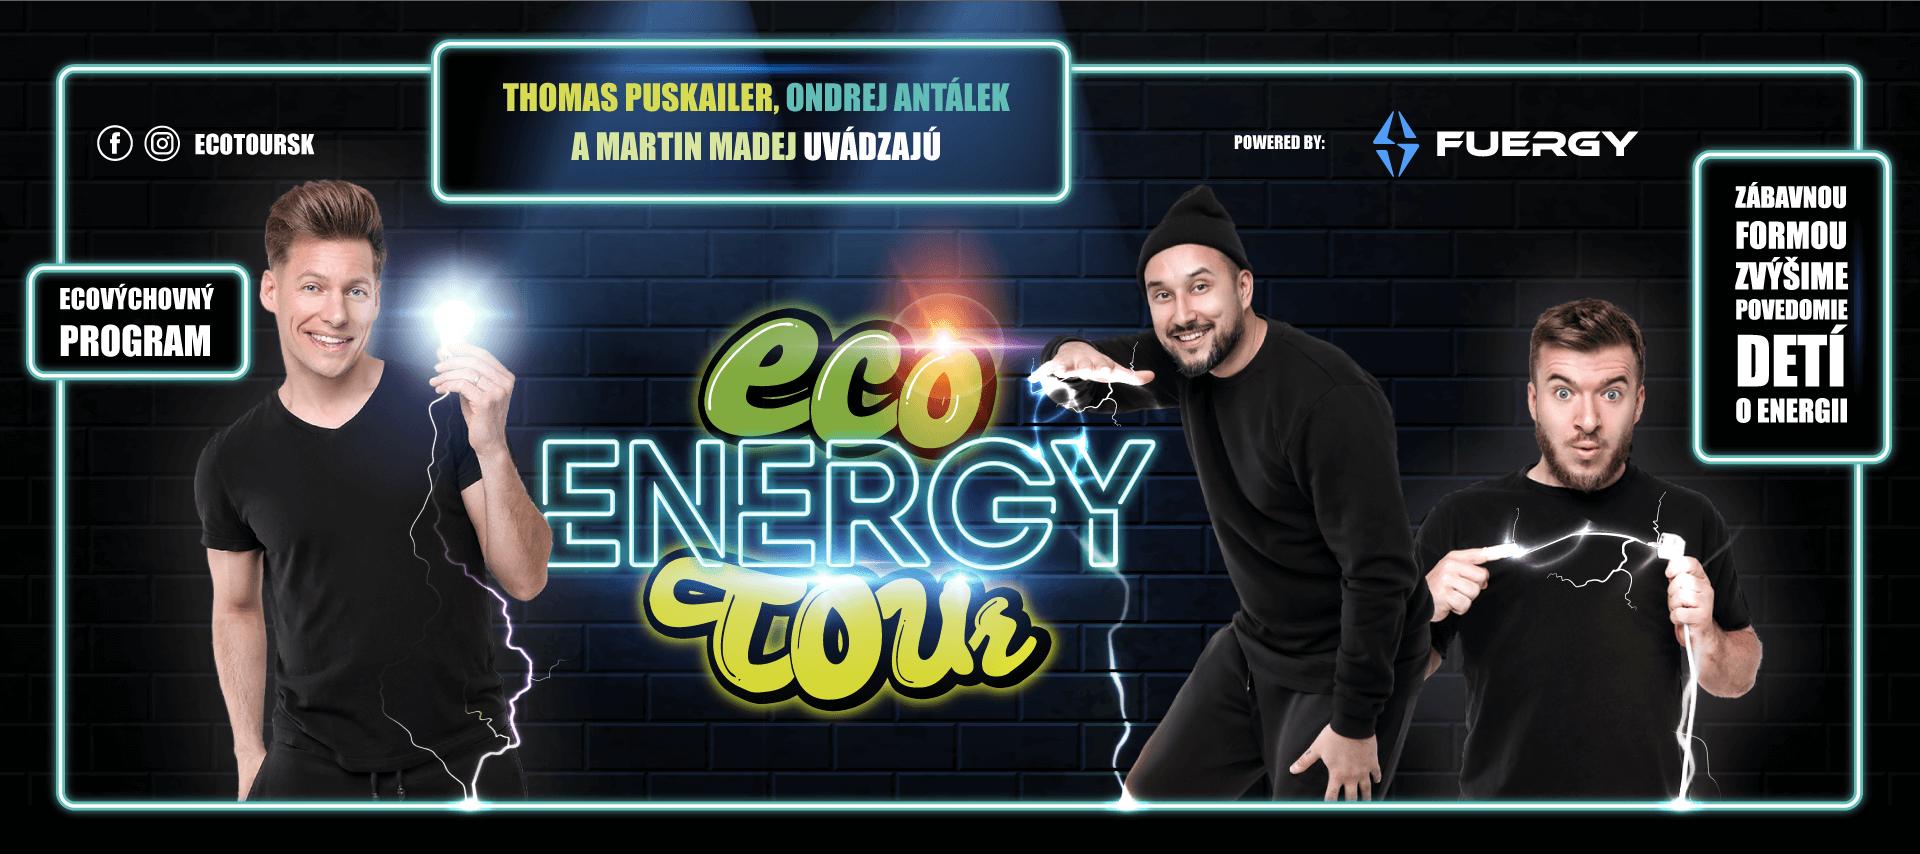 Eco Energy Tour